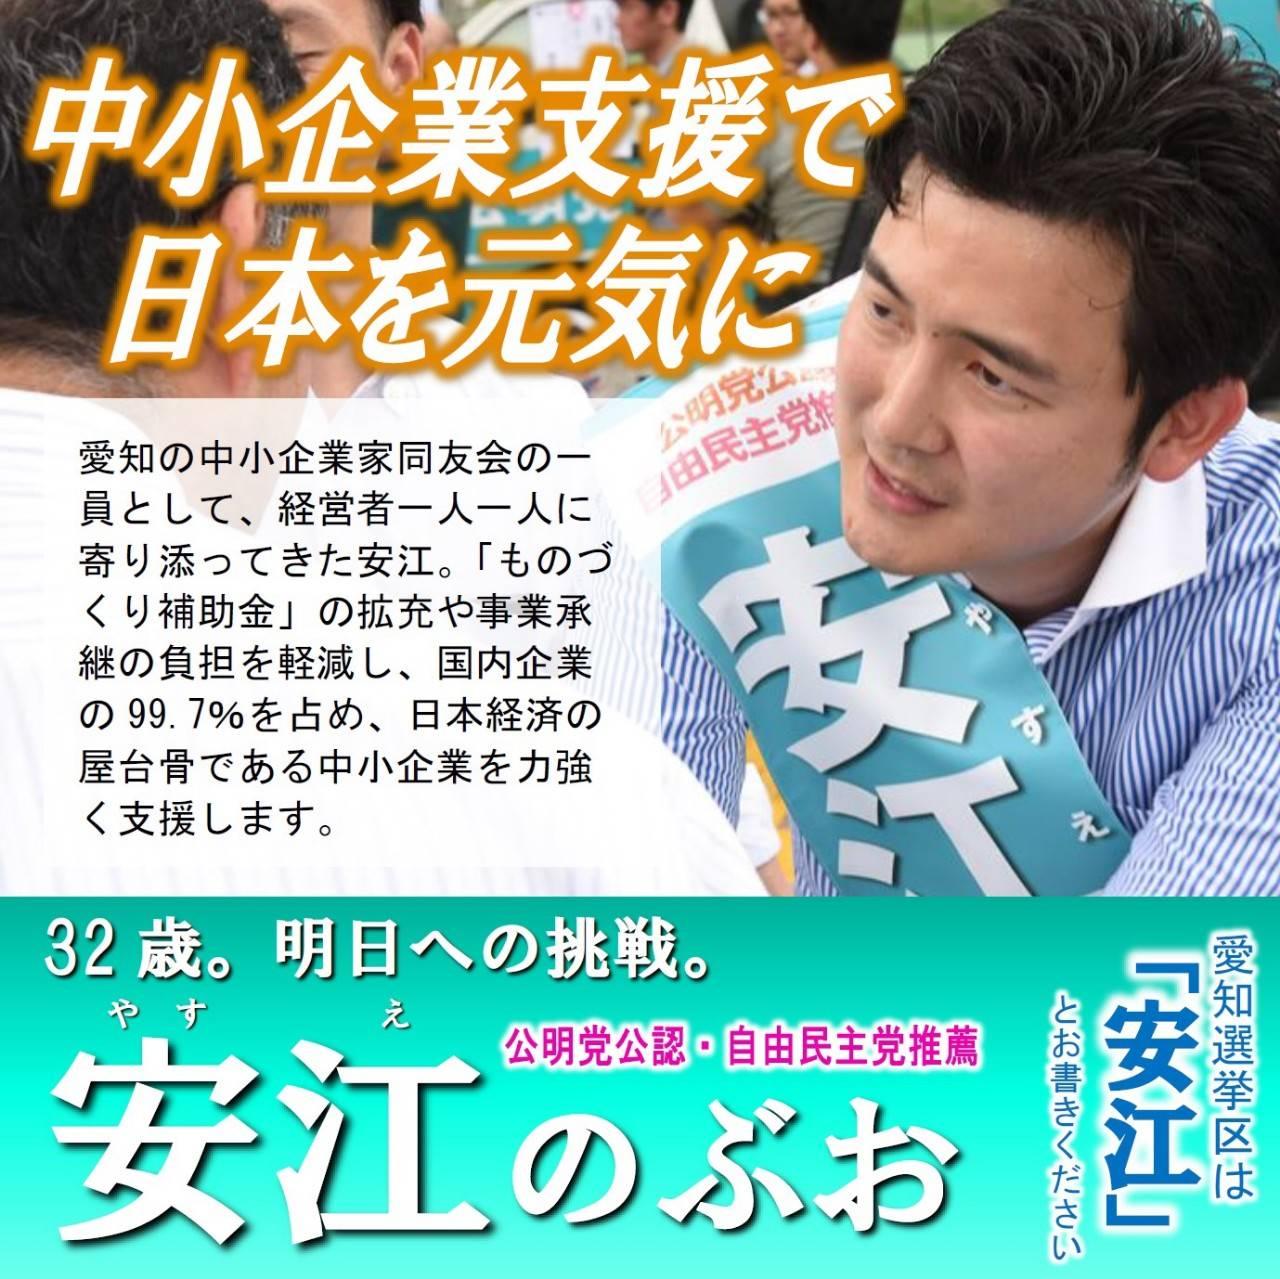 中小企業支援で日本を元気に|安江のぶお 2019年参院選 愛知選挙区候補